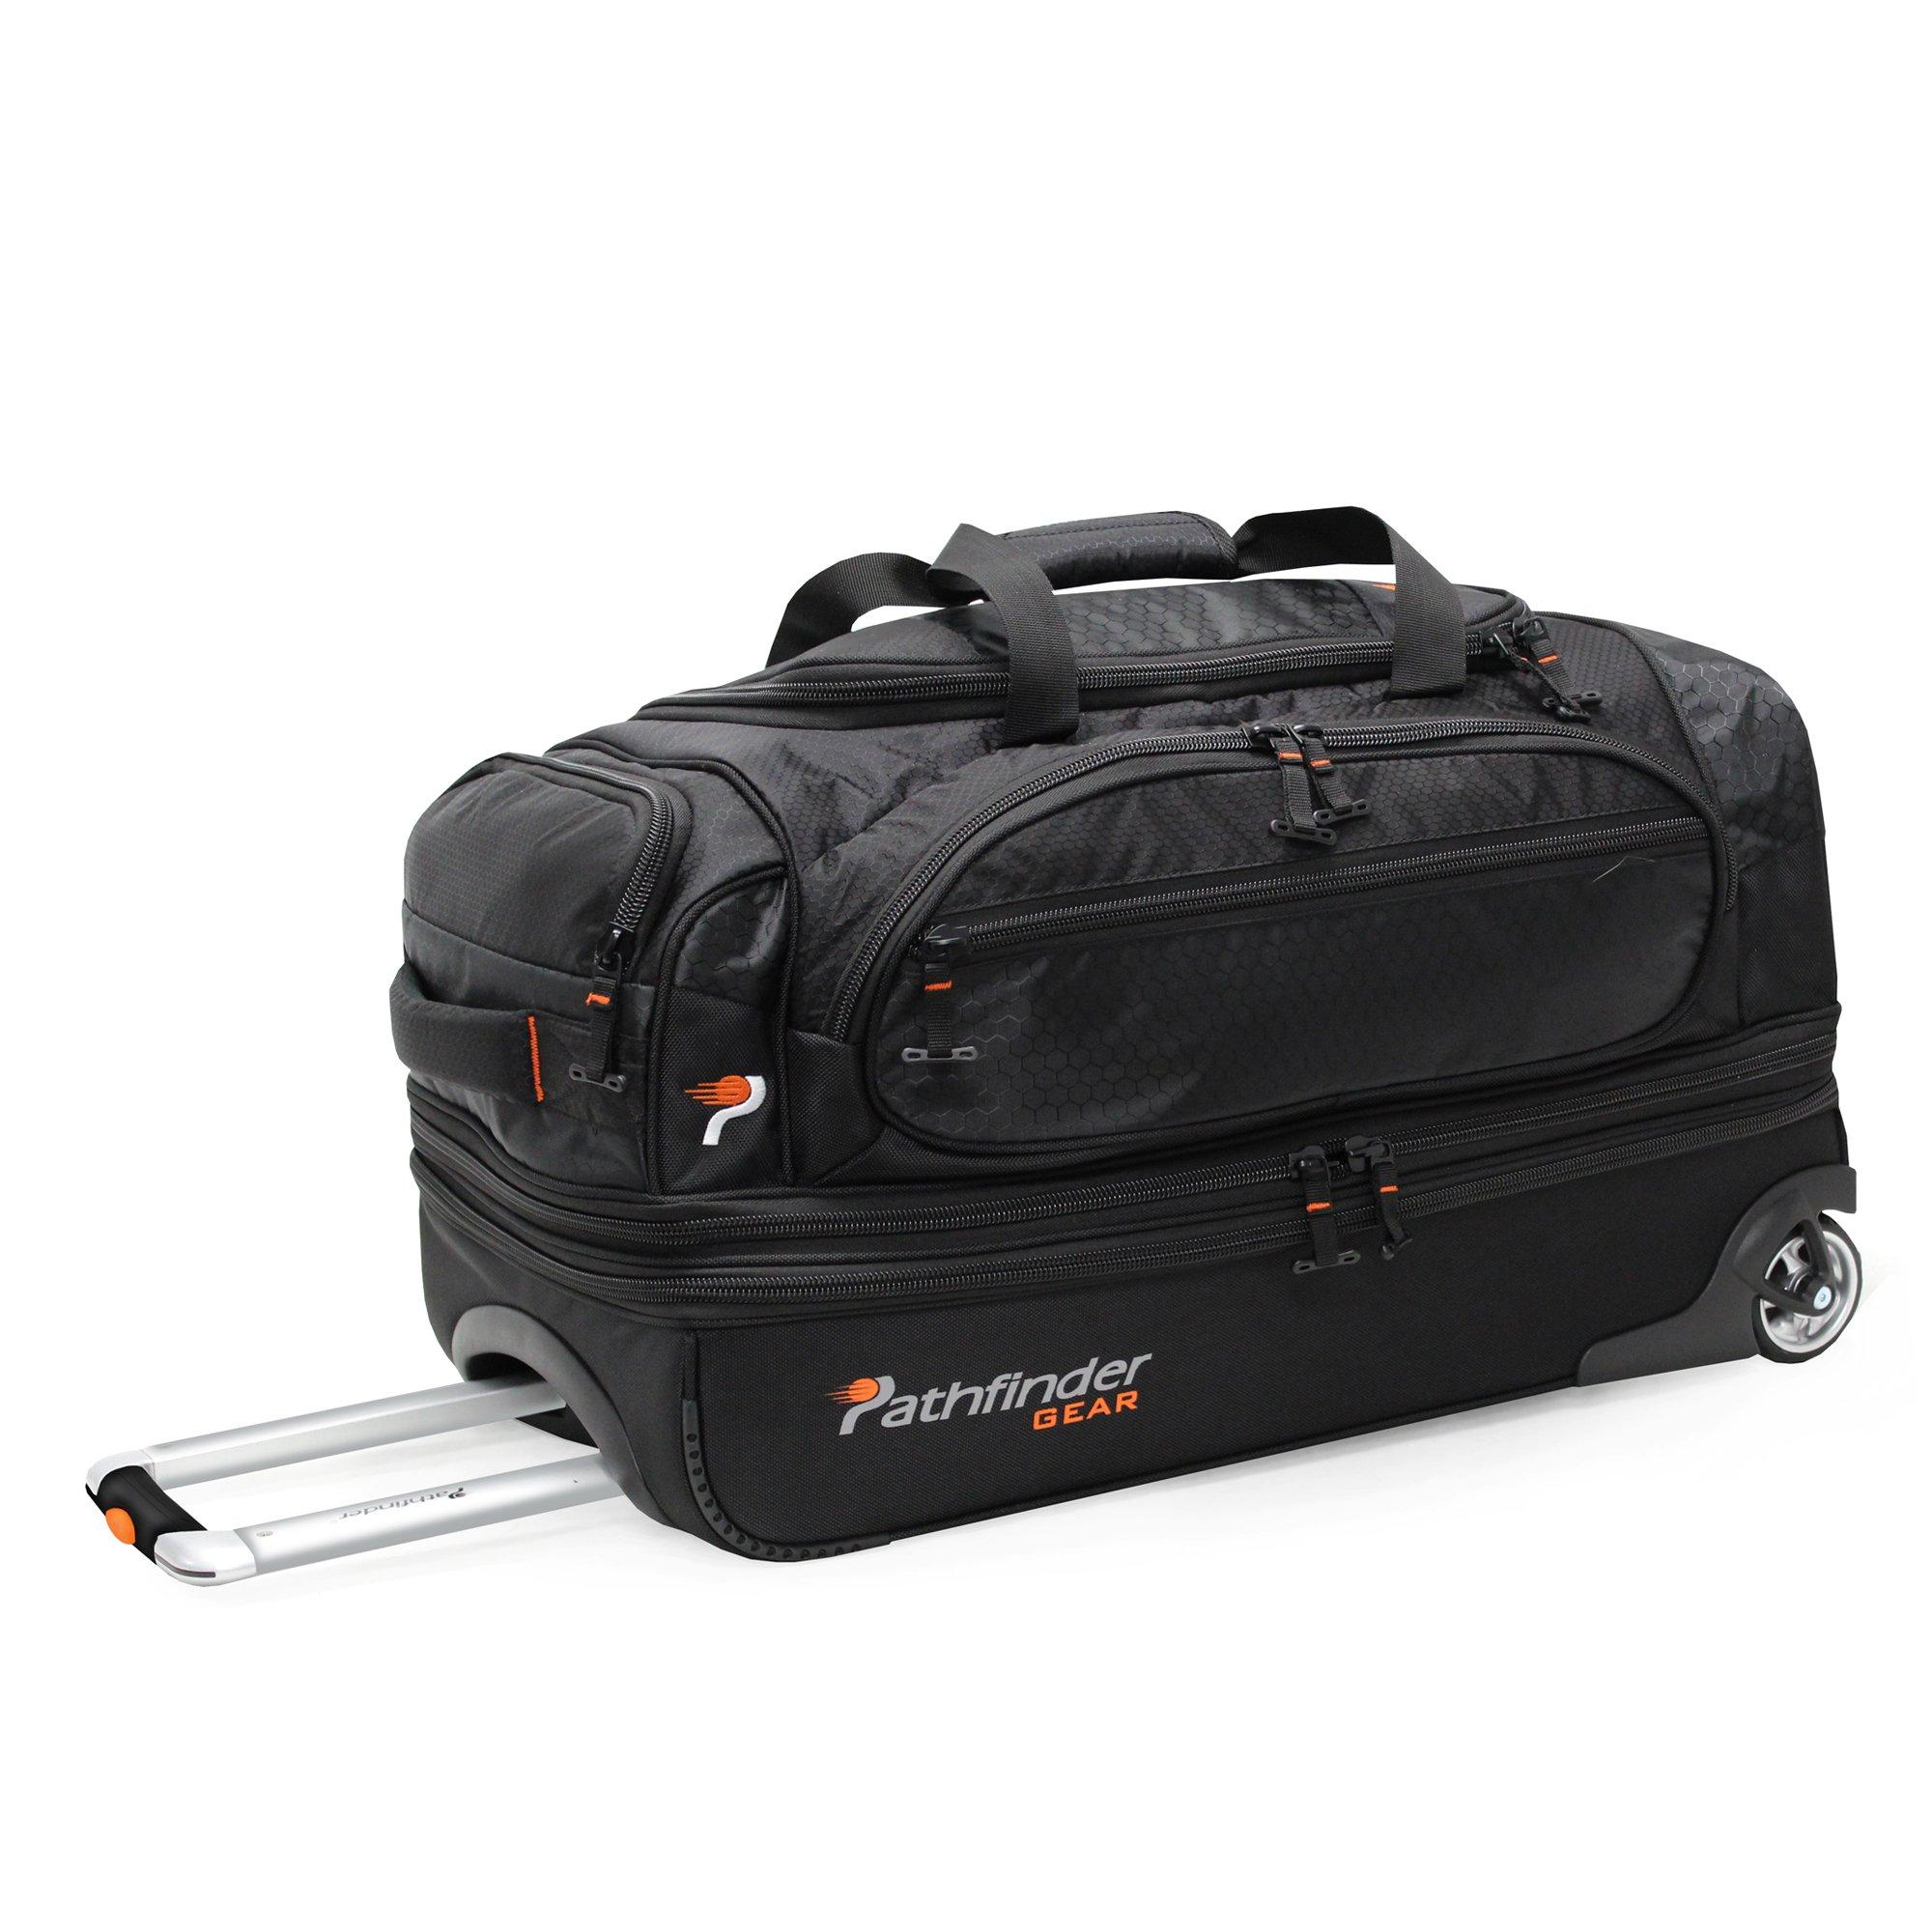 Pathfinder Gear 26 Inch Rolling Drop Bottom Duffel, Black, One Size